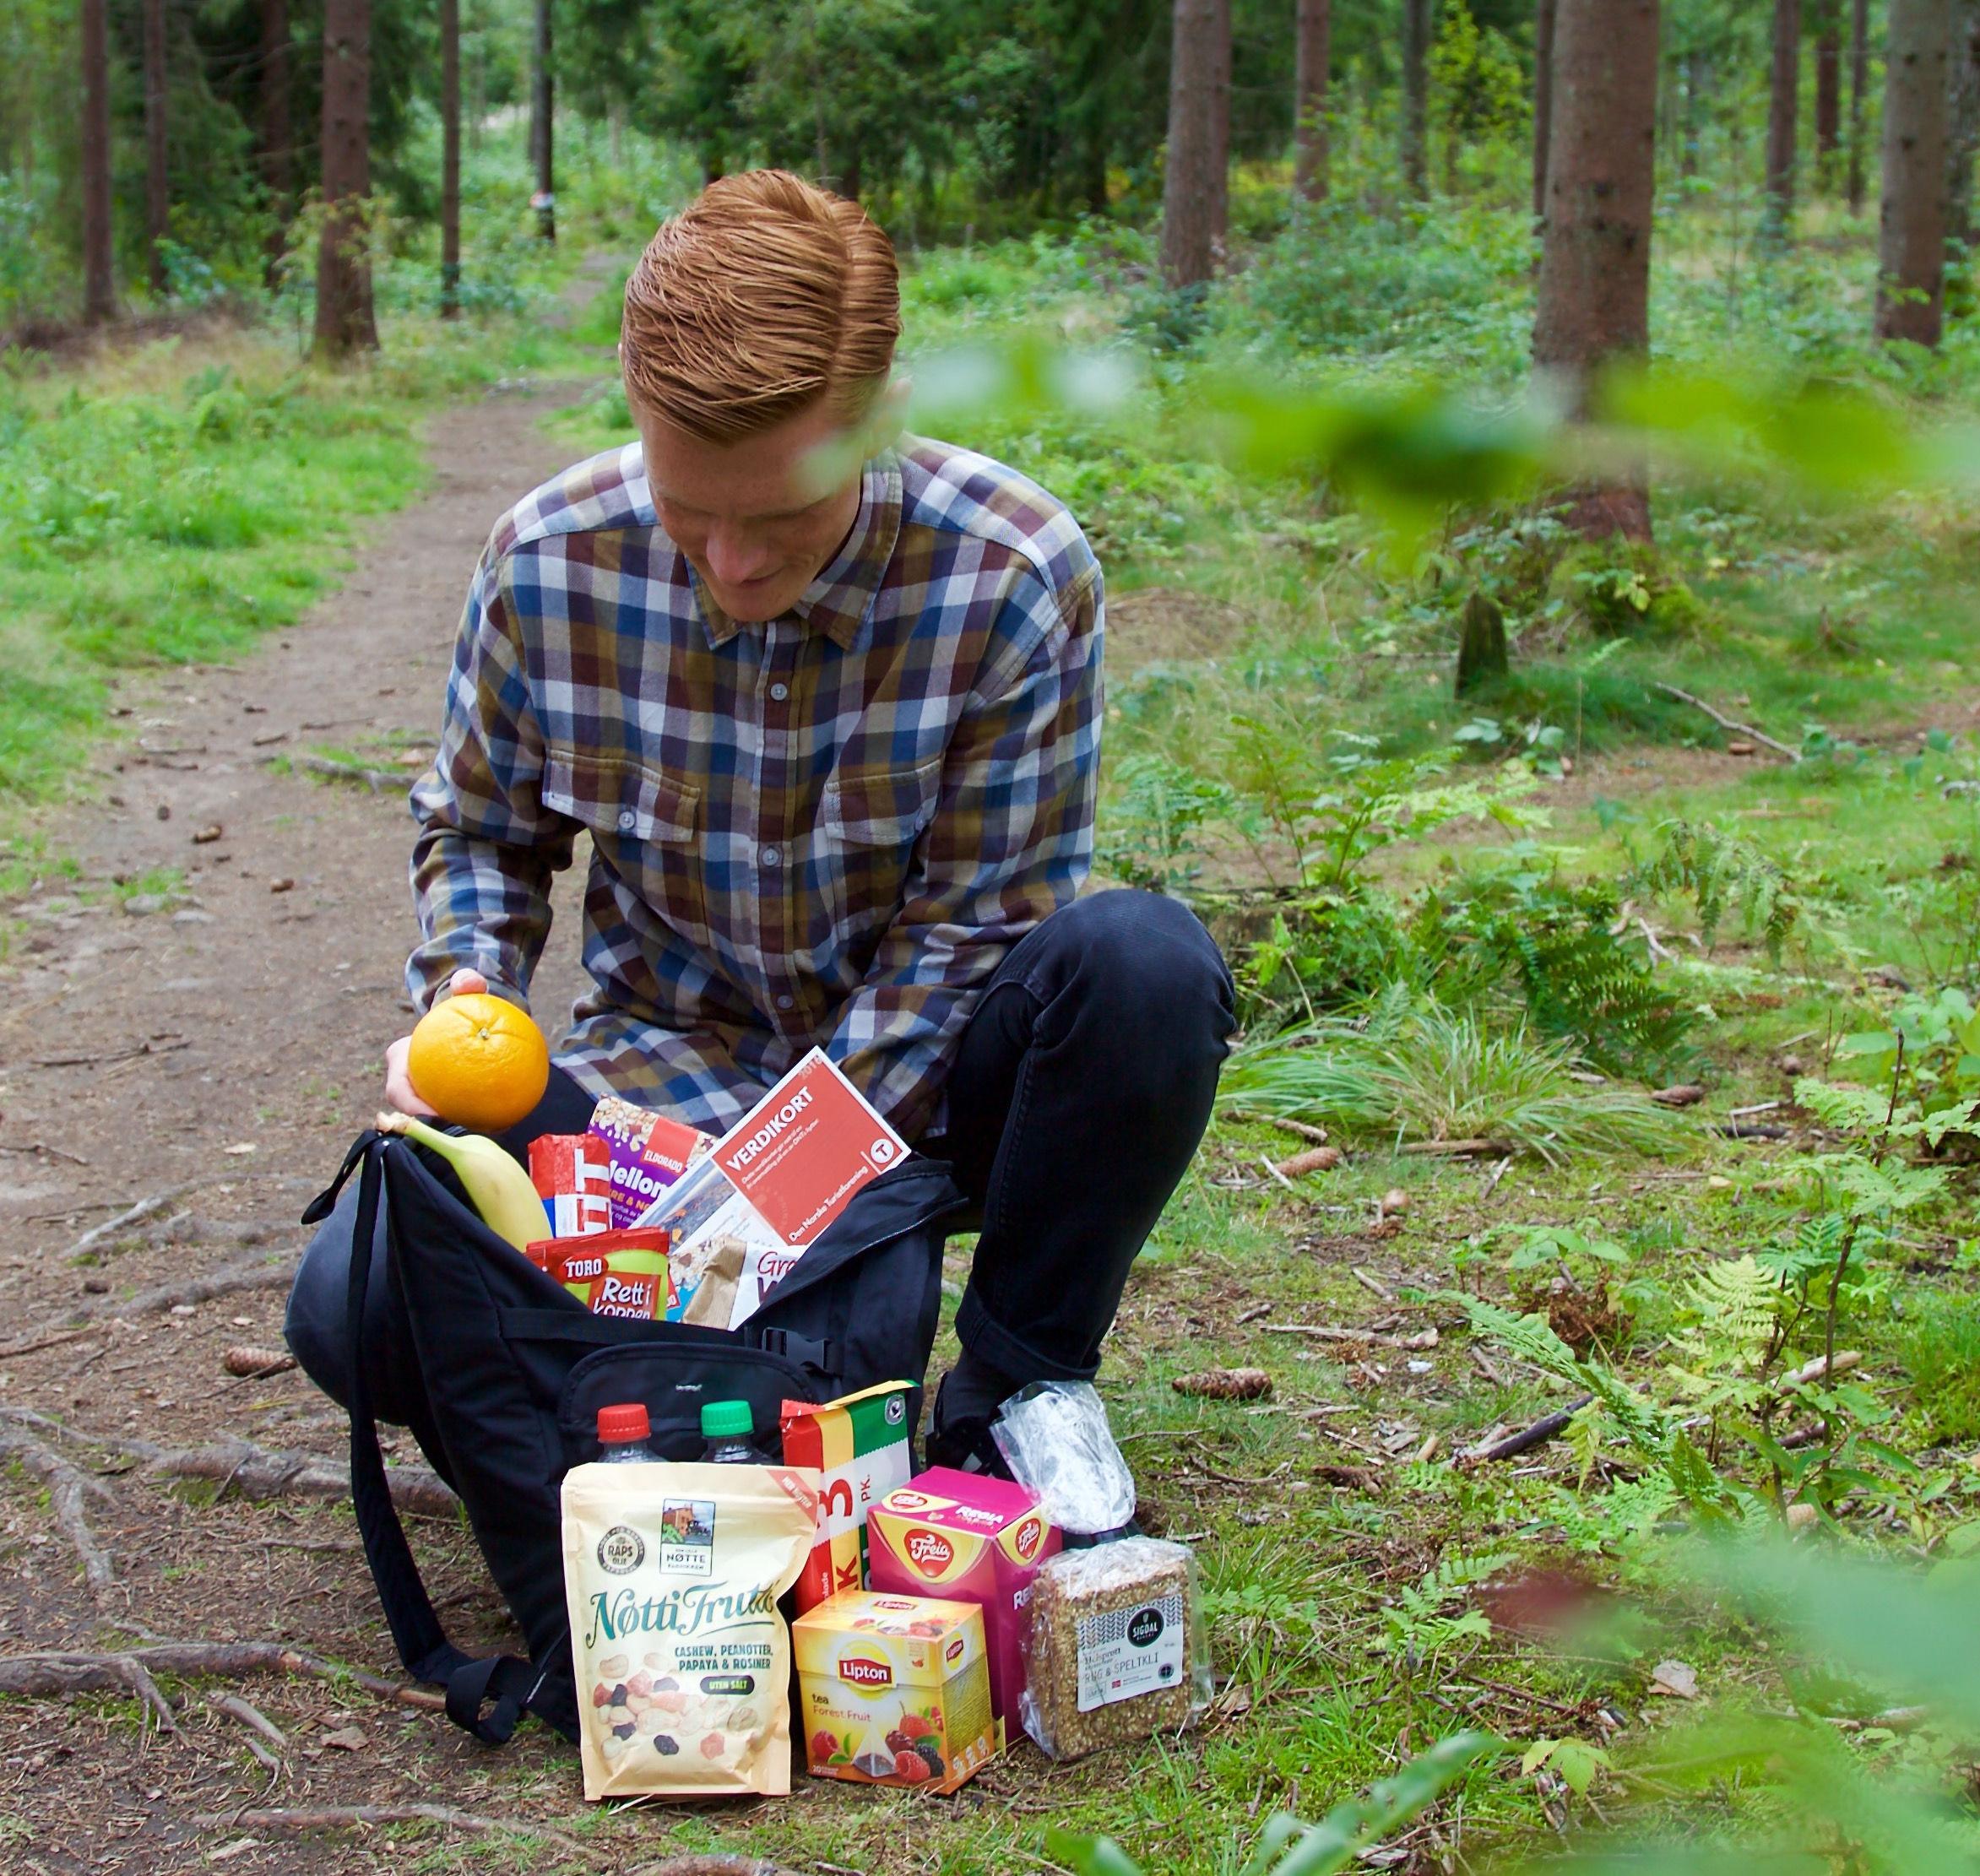 Kommer du deg ut på søndag og legger ut et bilde fra turen på Instagram med taggene #komdegut og #kiwi_minipris fyller vi en sekk full av turmat, snacks og gavekort på overnatting fra DNT!